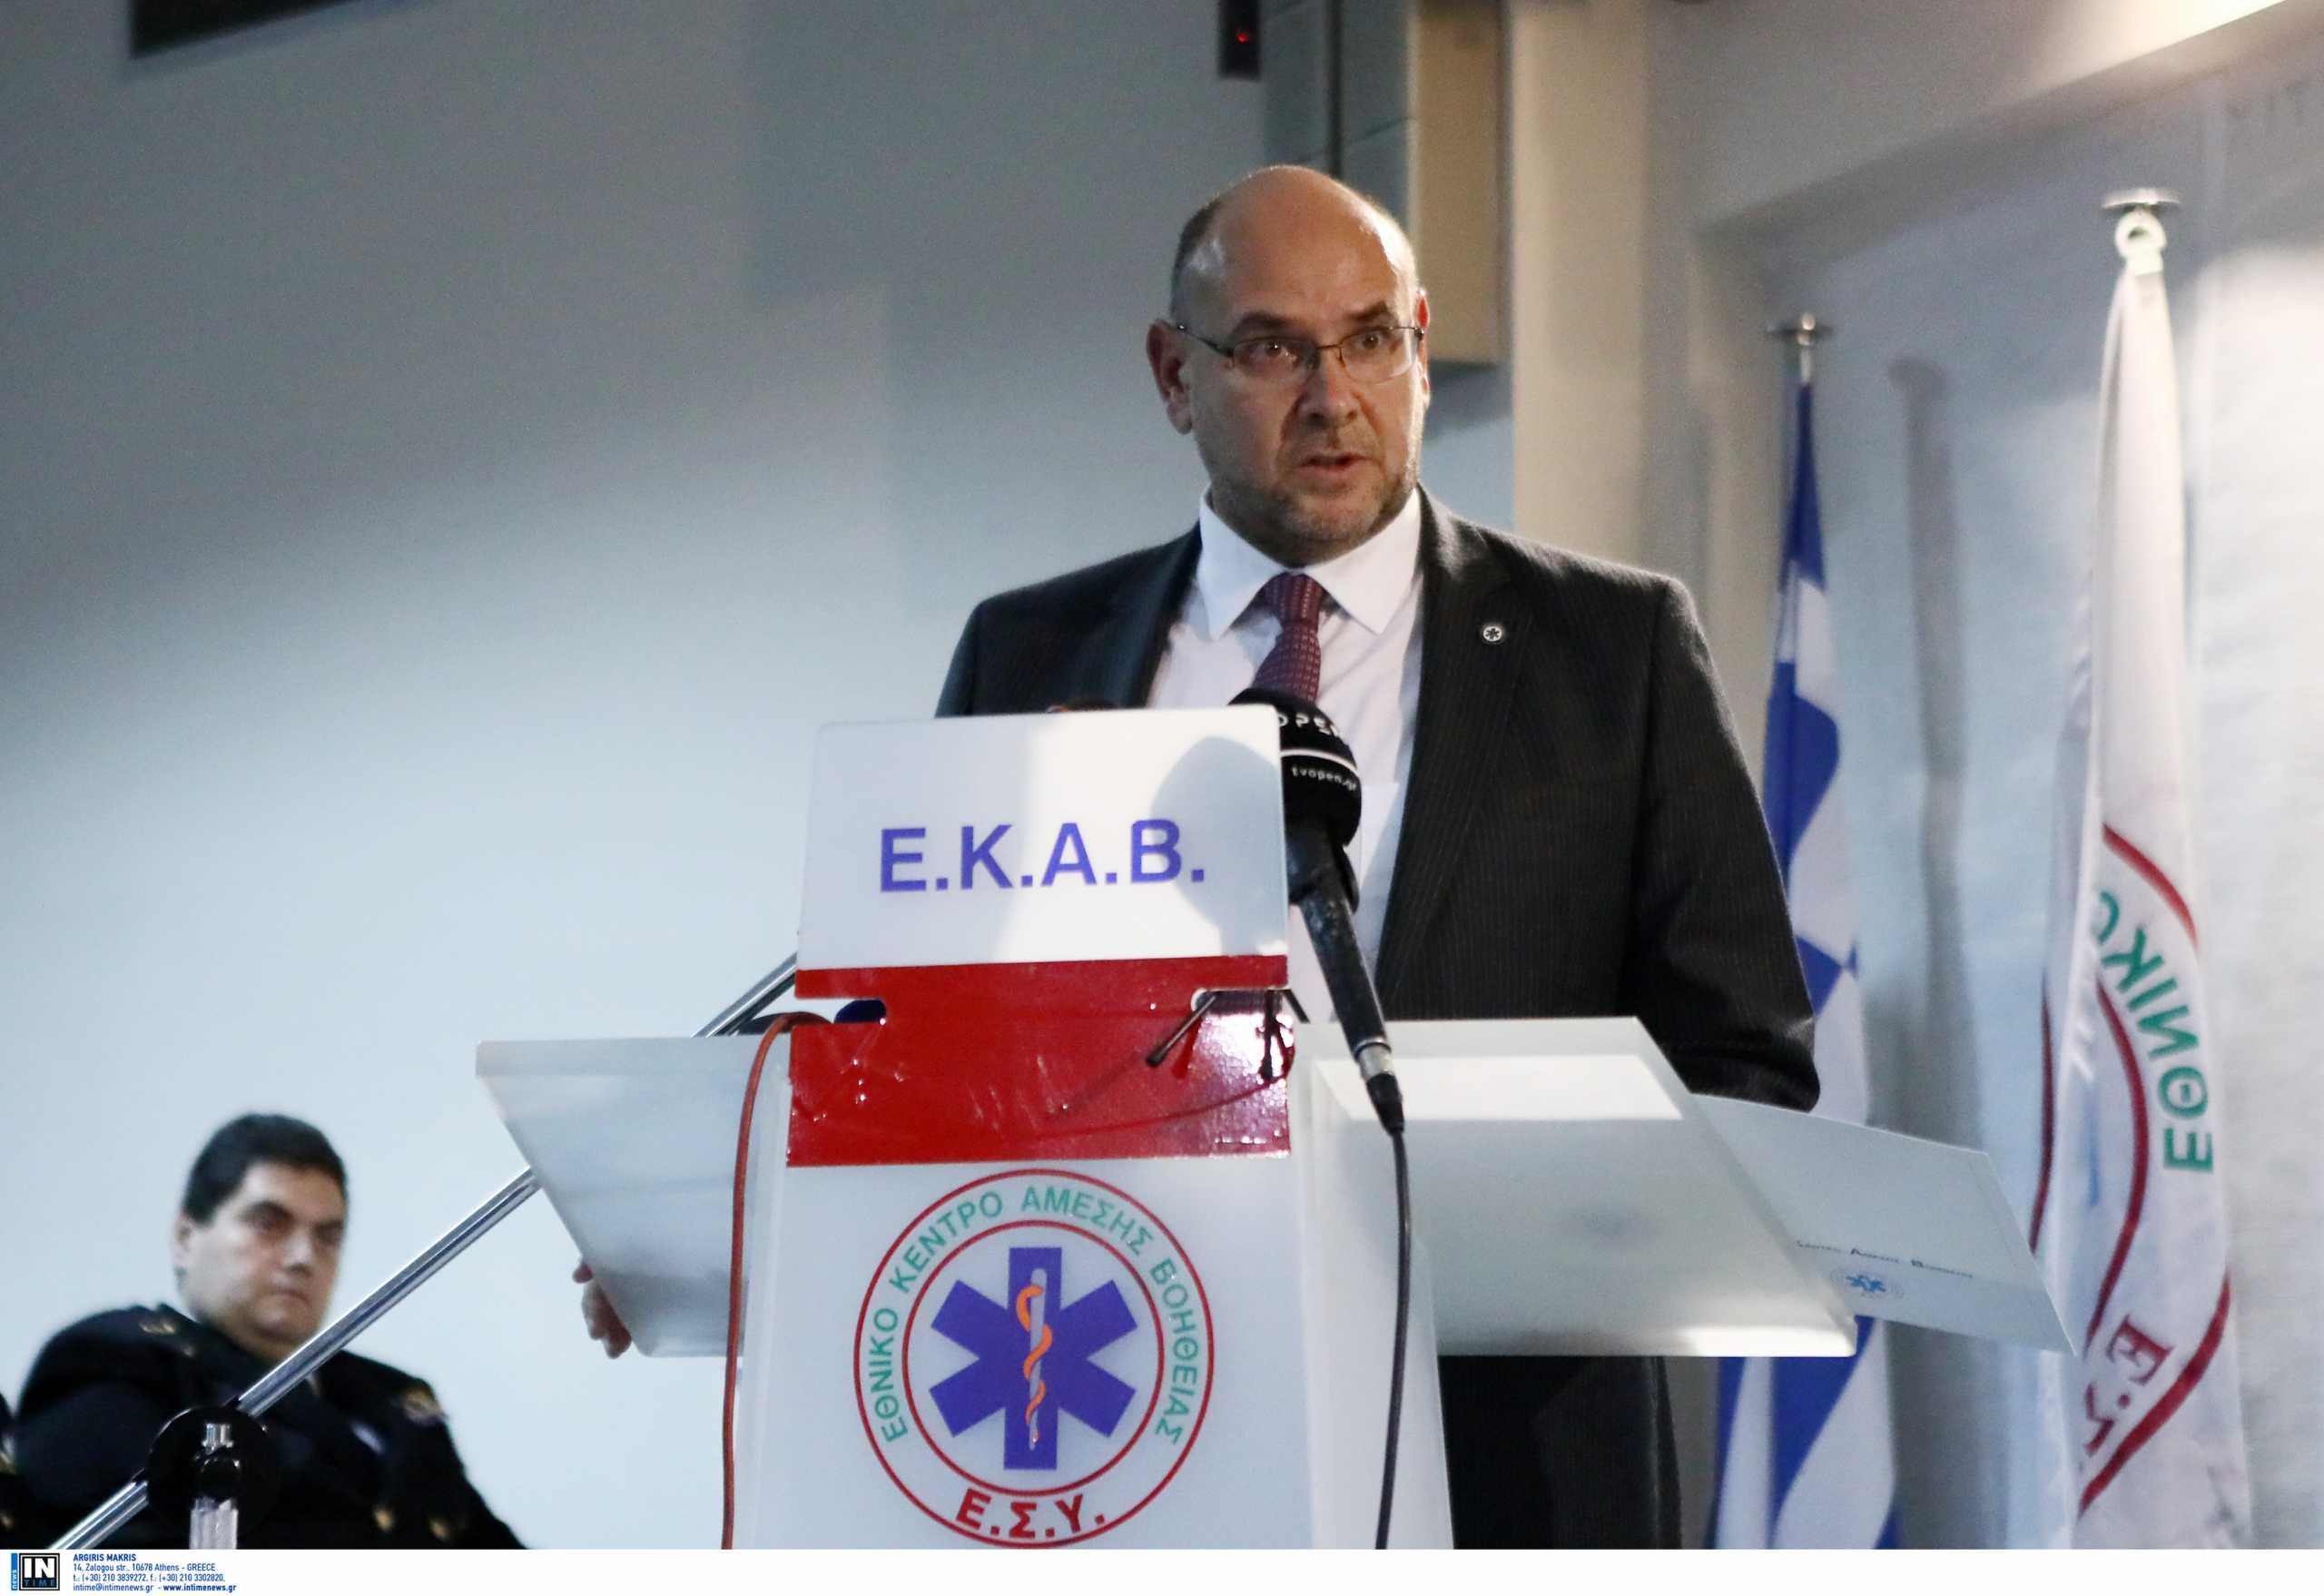 Πρόεδρος ΕΚΑΒ: Αν συνεχιστεί η κατάσταση στα νοσοκομεία, η Αττική θα γίνει Θεσσαλονίκη